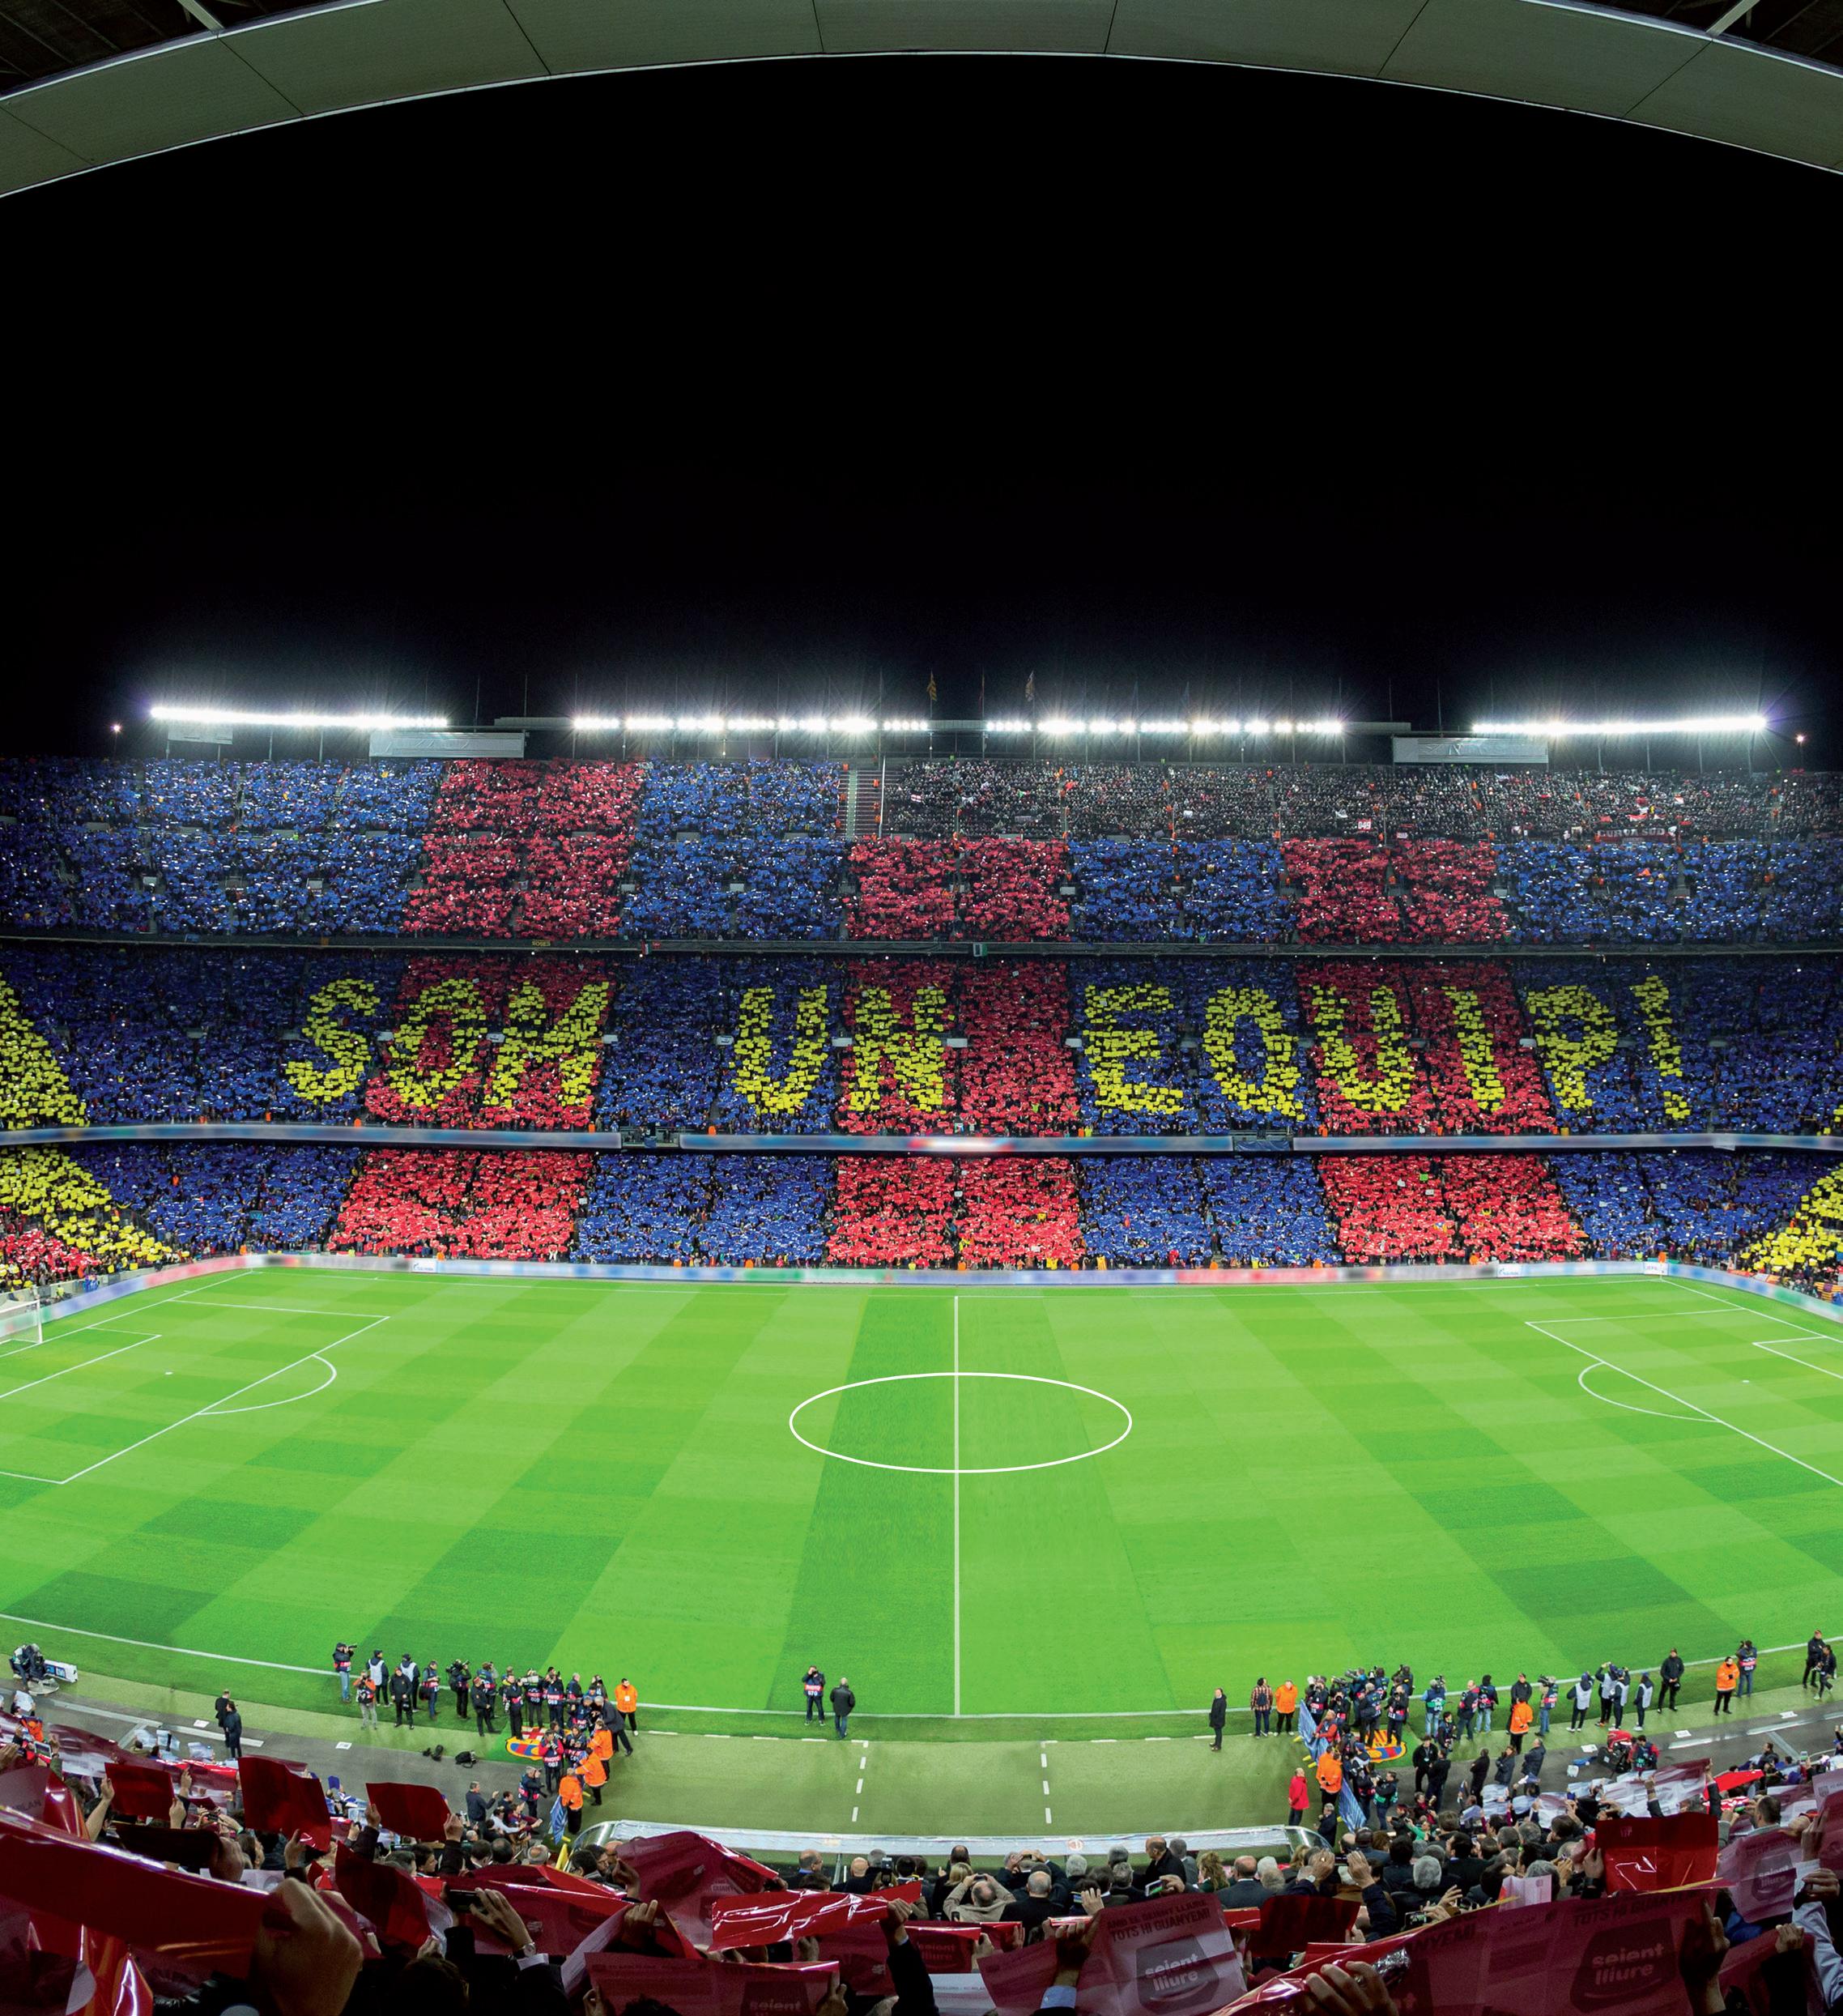 Mosaico da torcida do FC Barcelona no Camp Nou